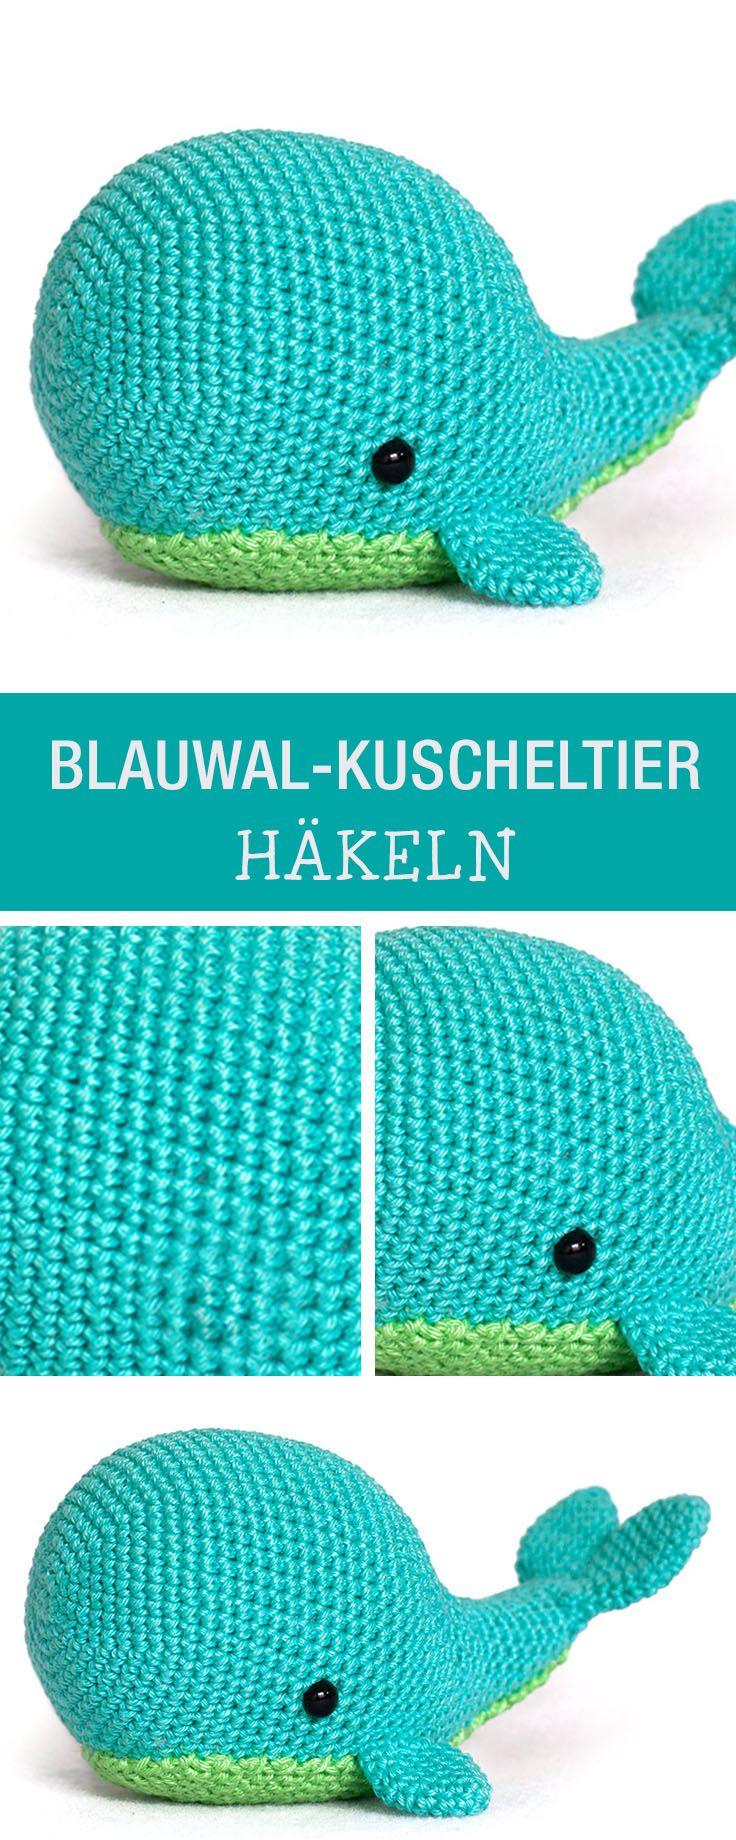 Häkelanleitung für einen kuscheligen Blauwal / crochet a soft toy, amigurumi whale via DaWanda.com